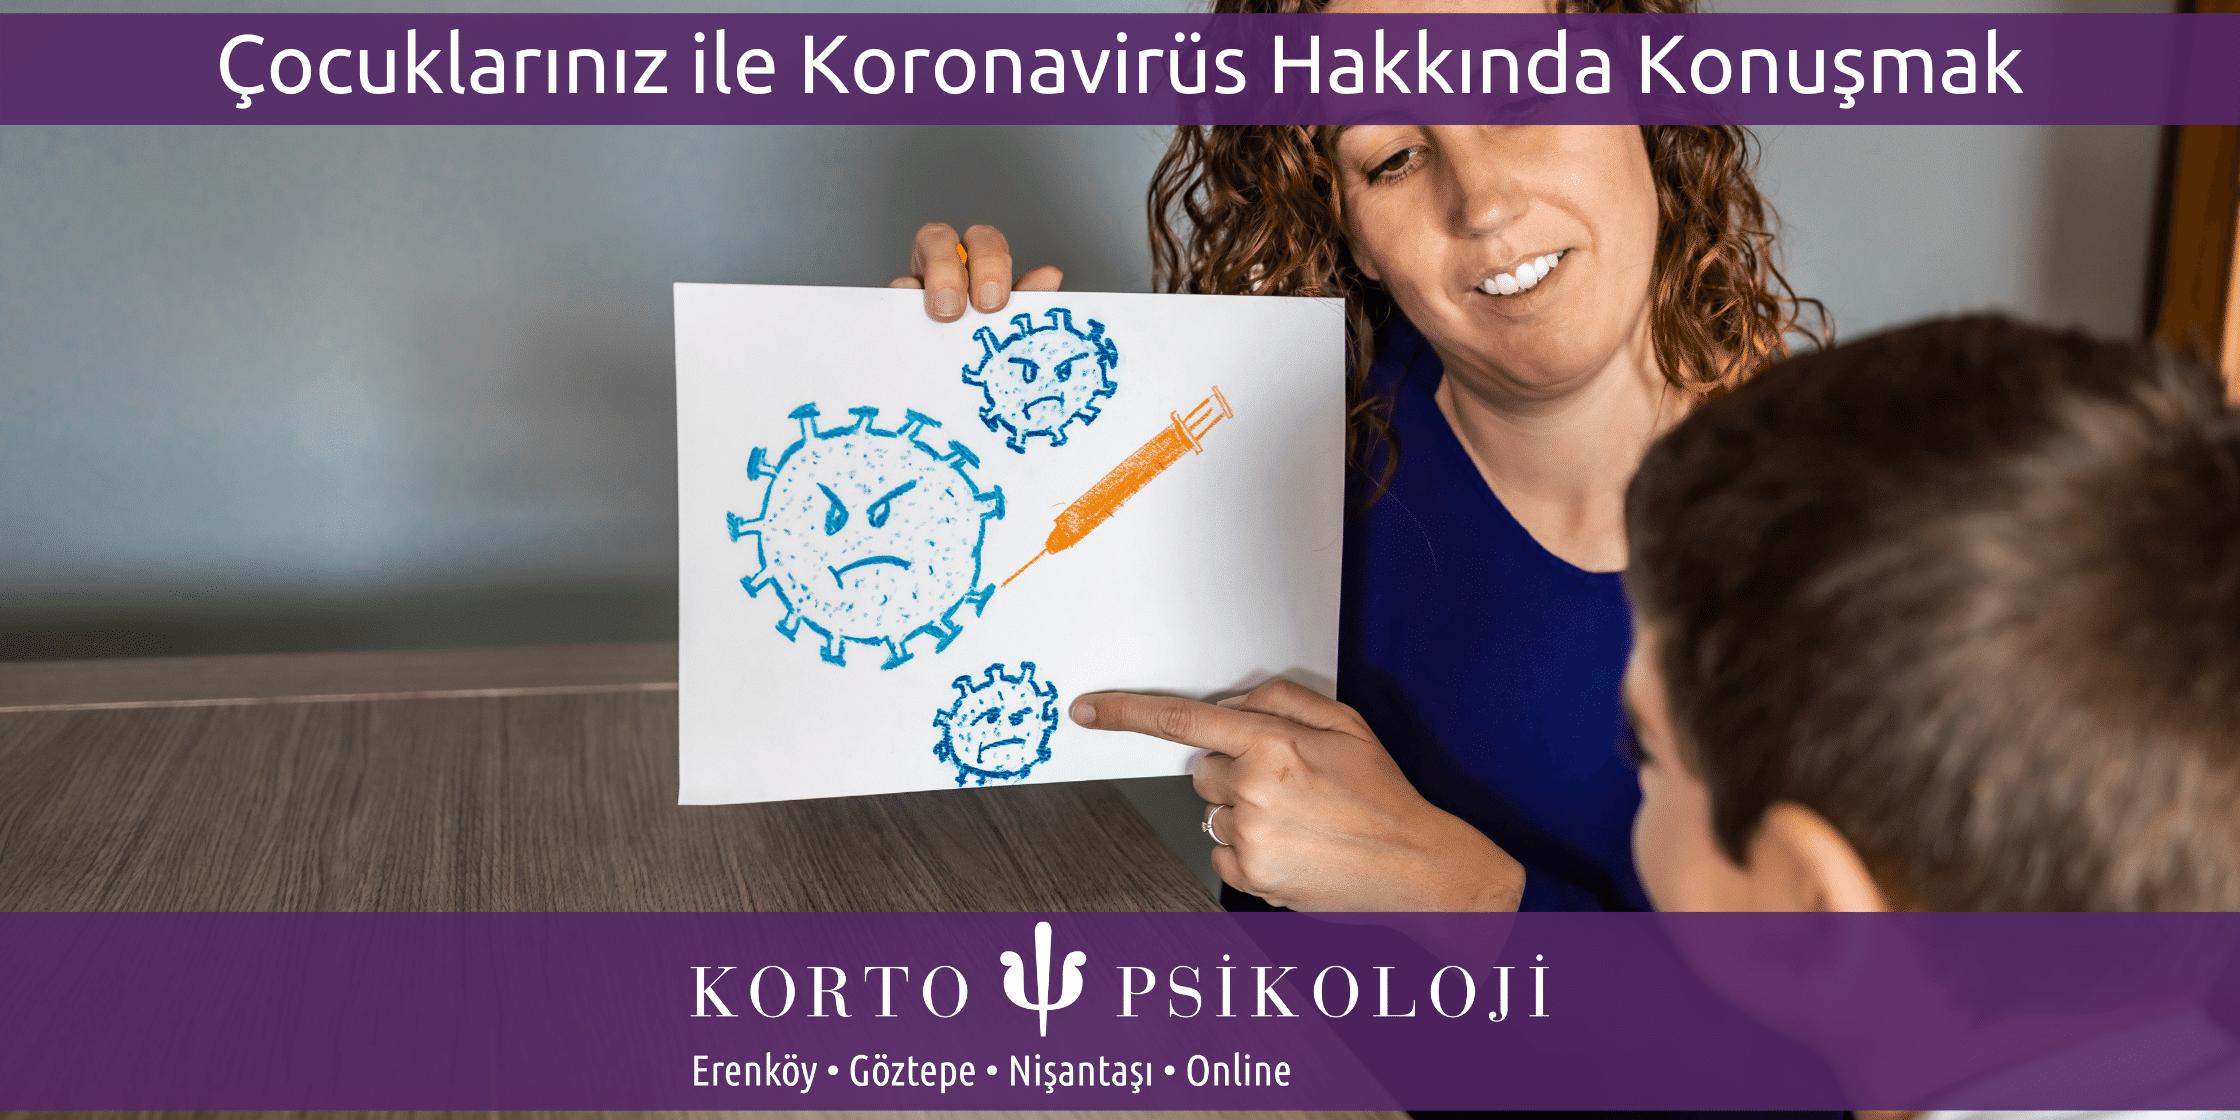 Çocuklarınız İle Koronavirüs Hakkında Konuşmak